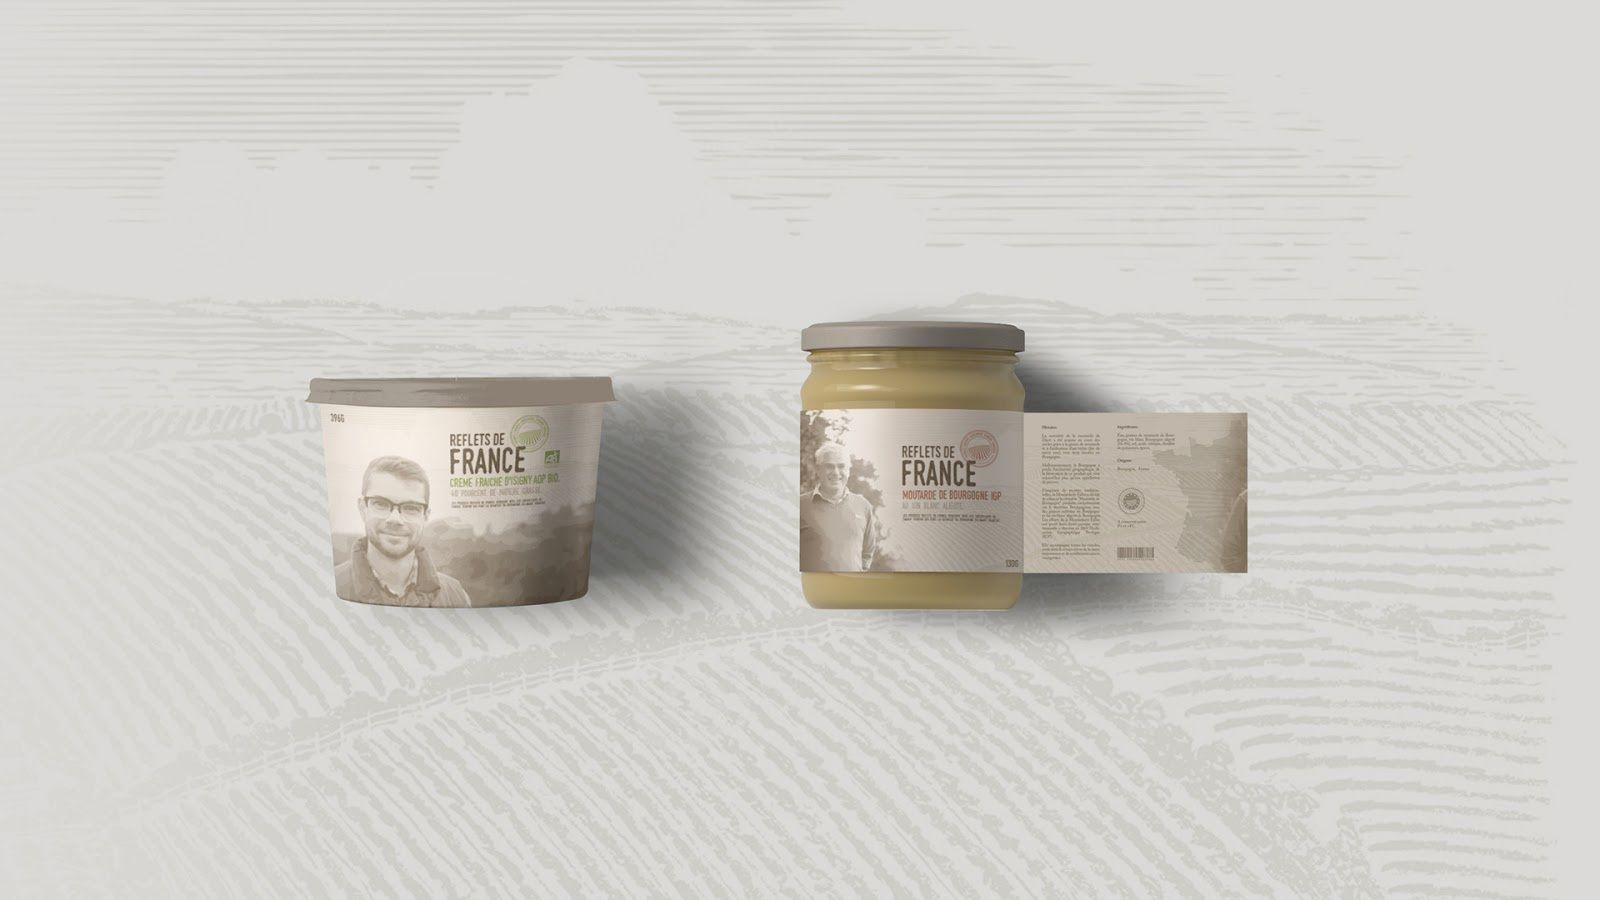 """""""Derrière chaque produit, un Homme, un Terroir"""" - Reflets de France (marque de produits régionaux français du groupe Carrefour) I Design (projet étudiant) : Maxime Genier (BTS Design Graphique - Lim'Art), France (décembre 2016)"""